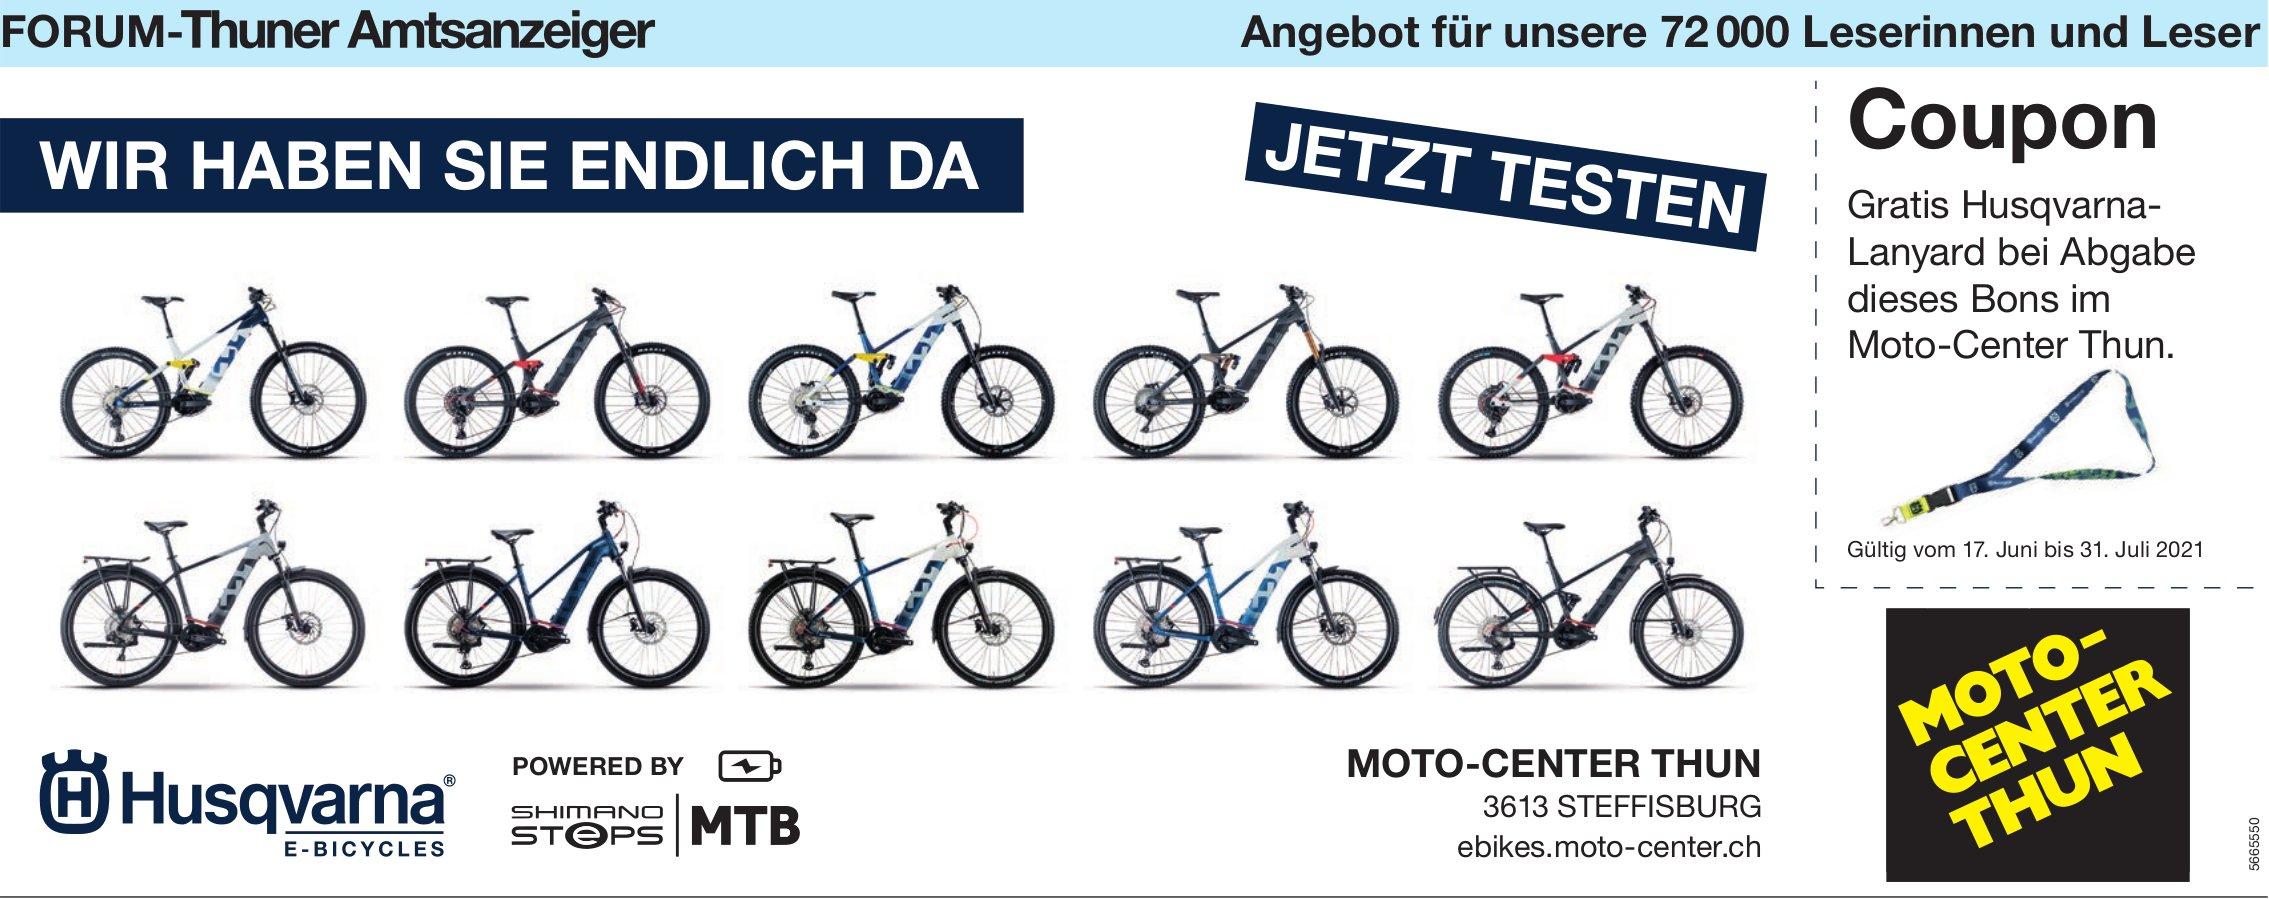 Moto-Center Thun, Steffisburg - Wir haben sie endlich da